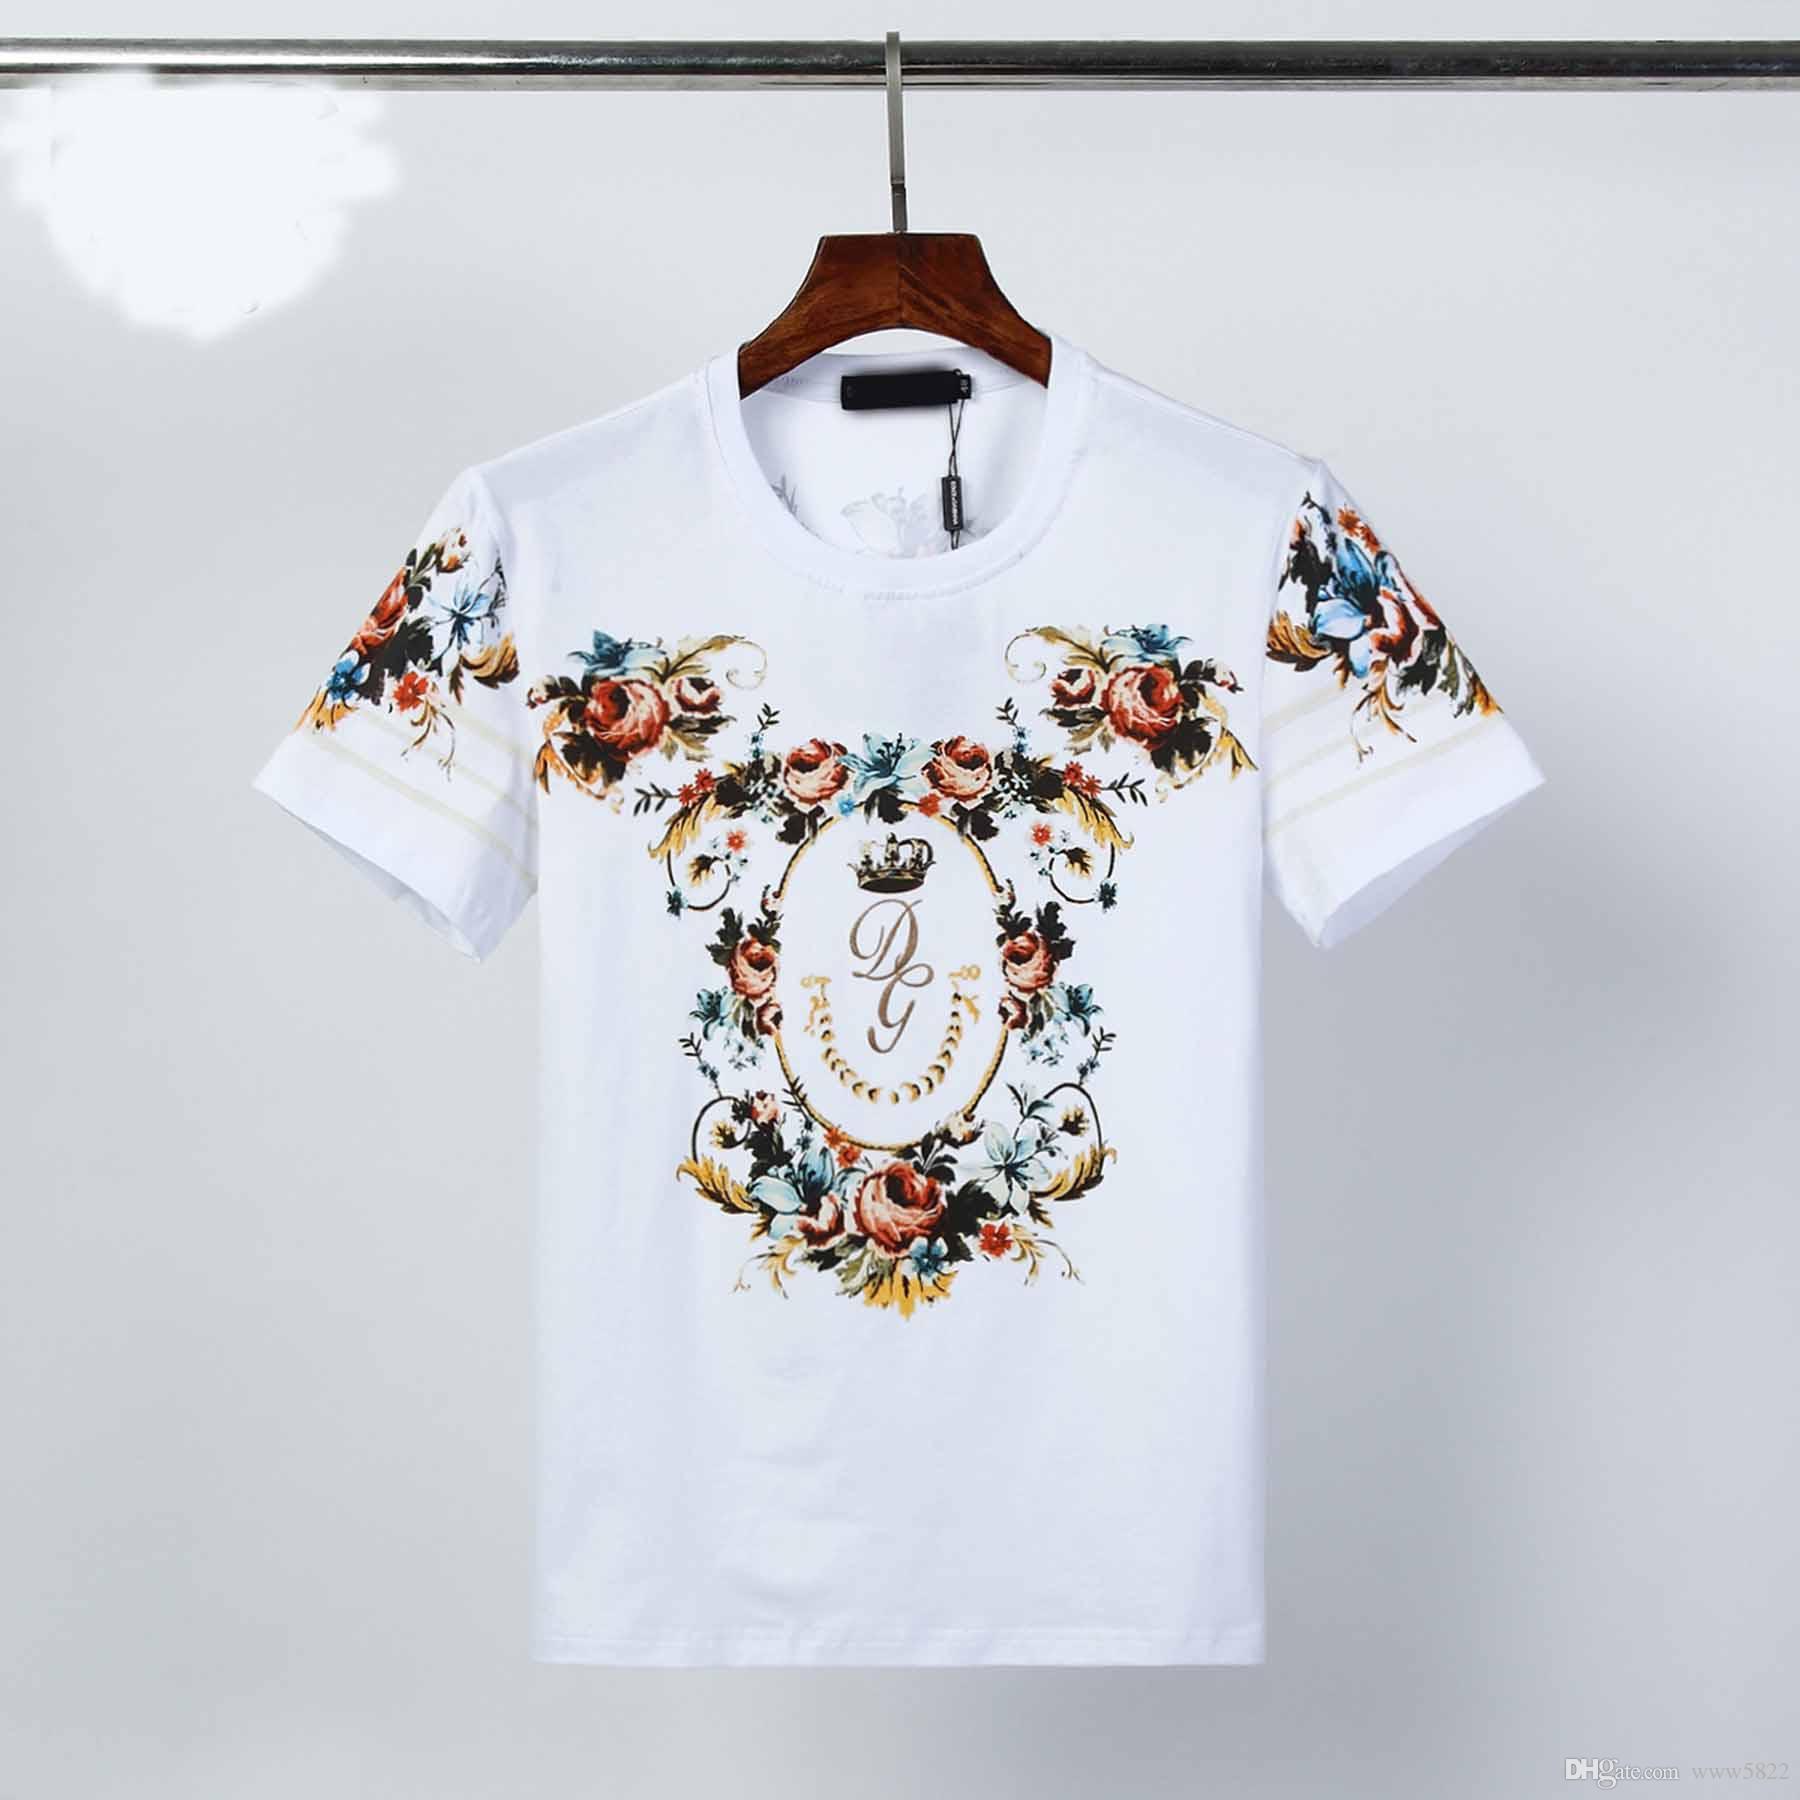 T-shirt Explosão do Hot 2020 New Men Moda Masculina de manga curta Medusa de alta qualidade do algodão T-shirt 2 Cor Tamanho M-3XL